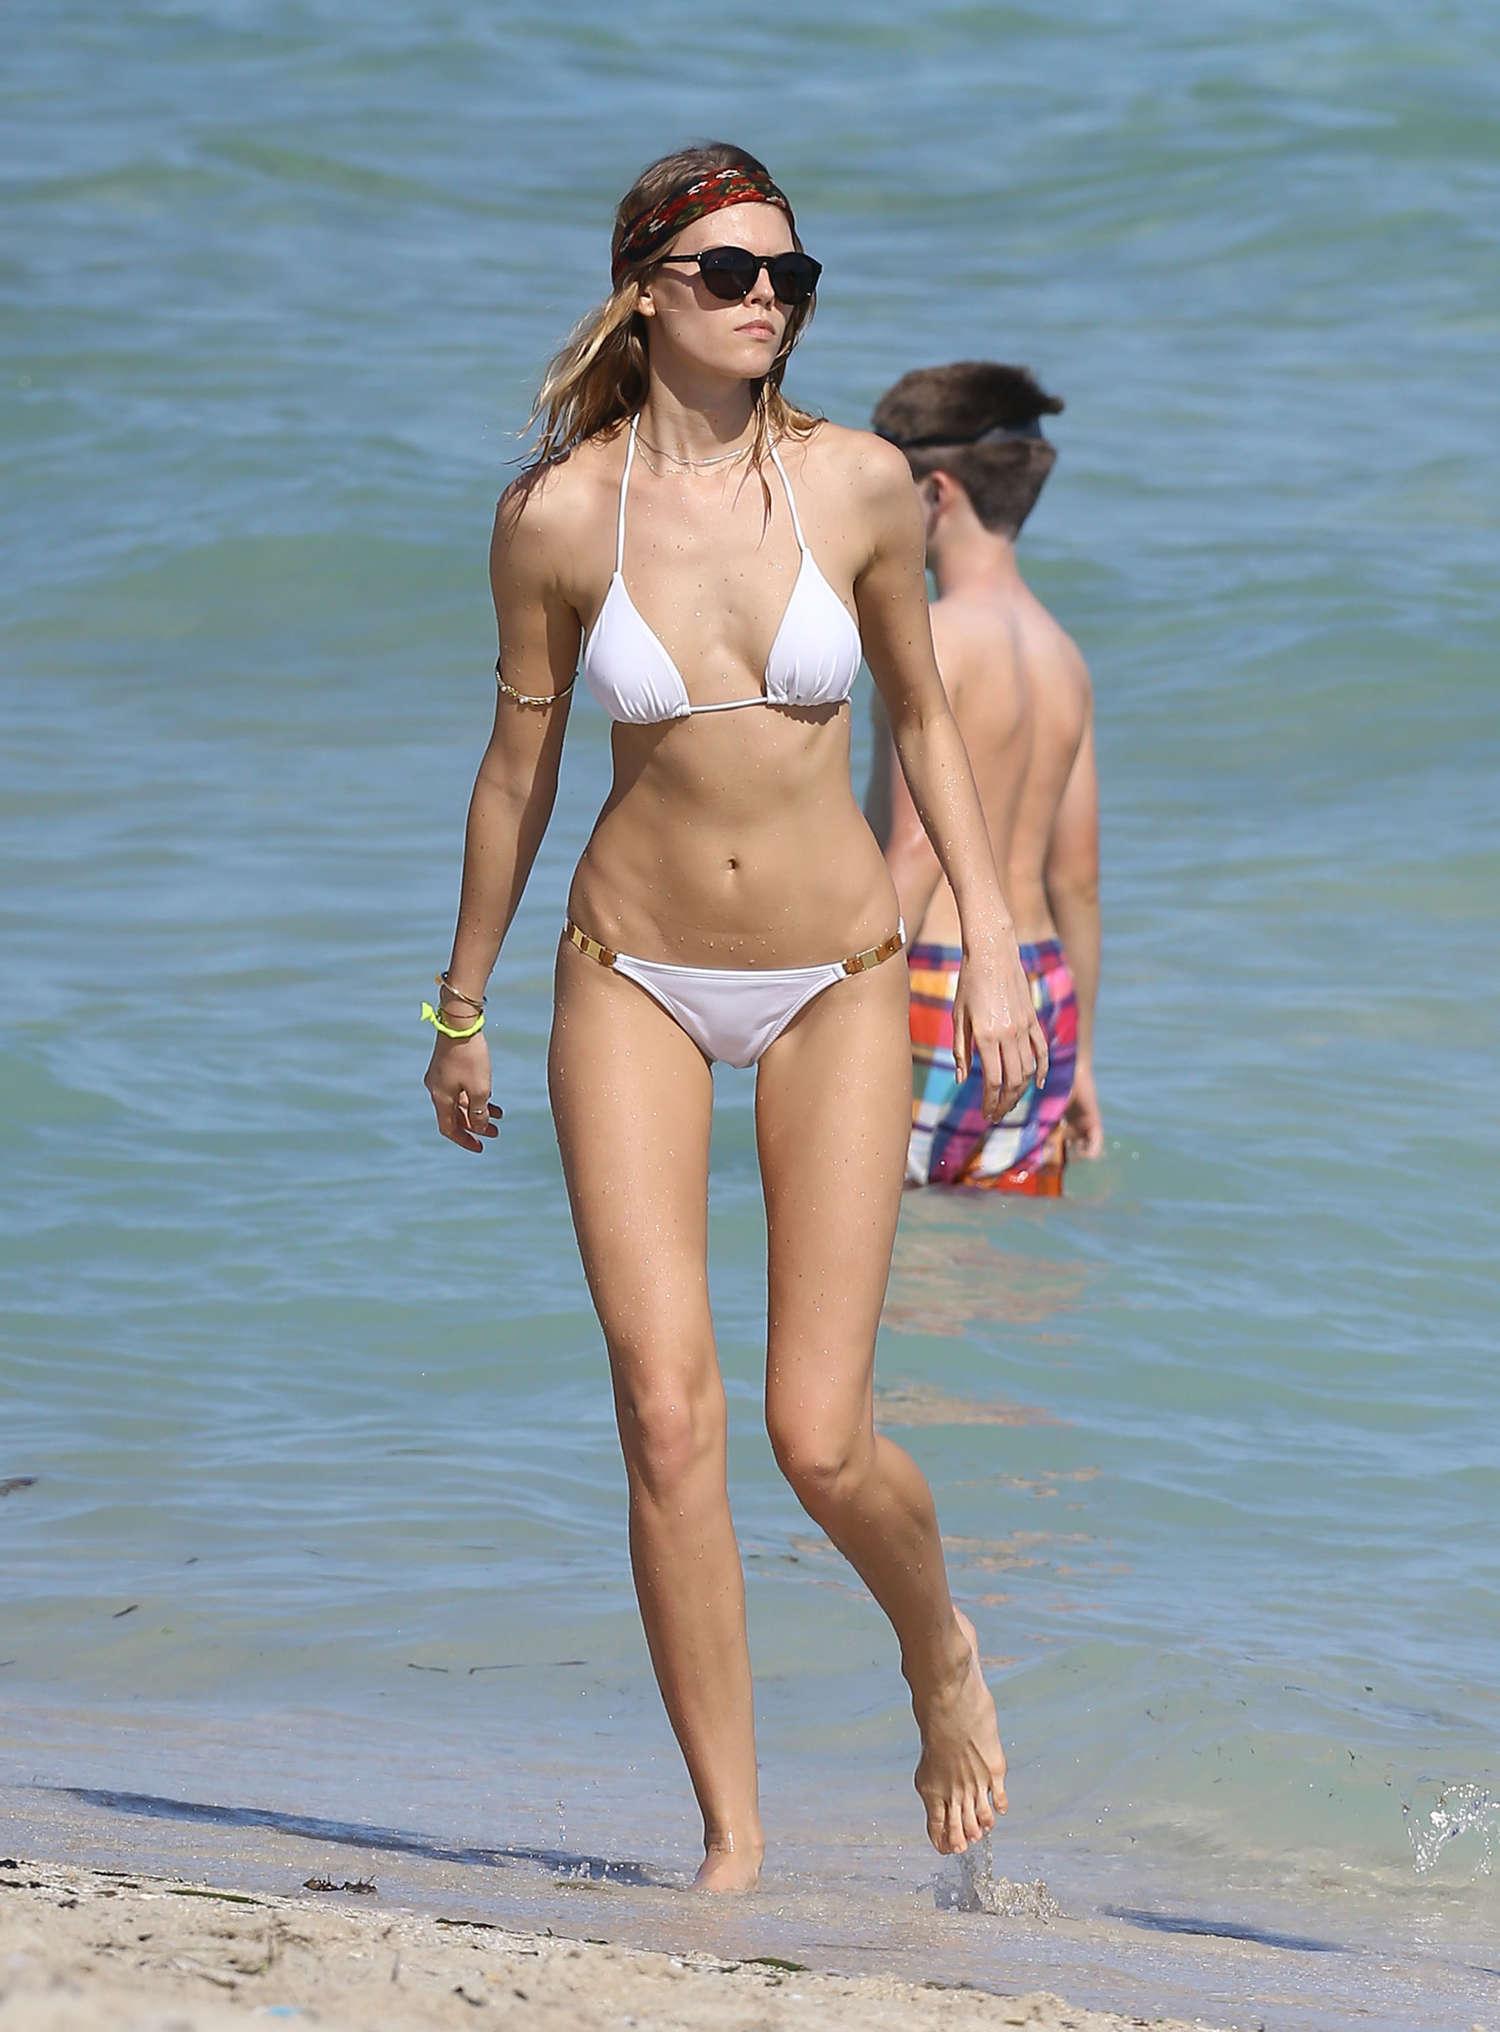 Maryna Linchuk Bikini Potos Miami 03 GotCeleb